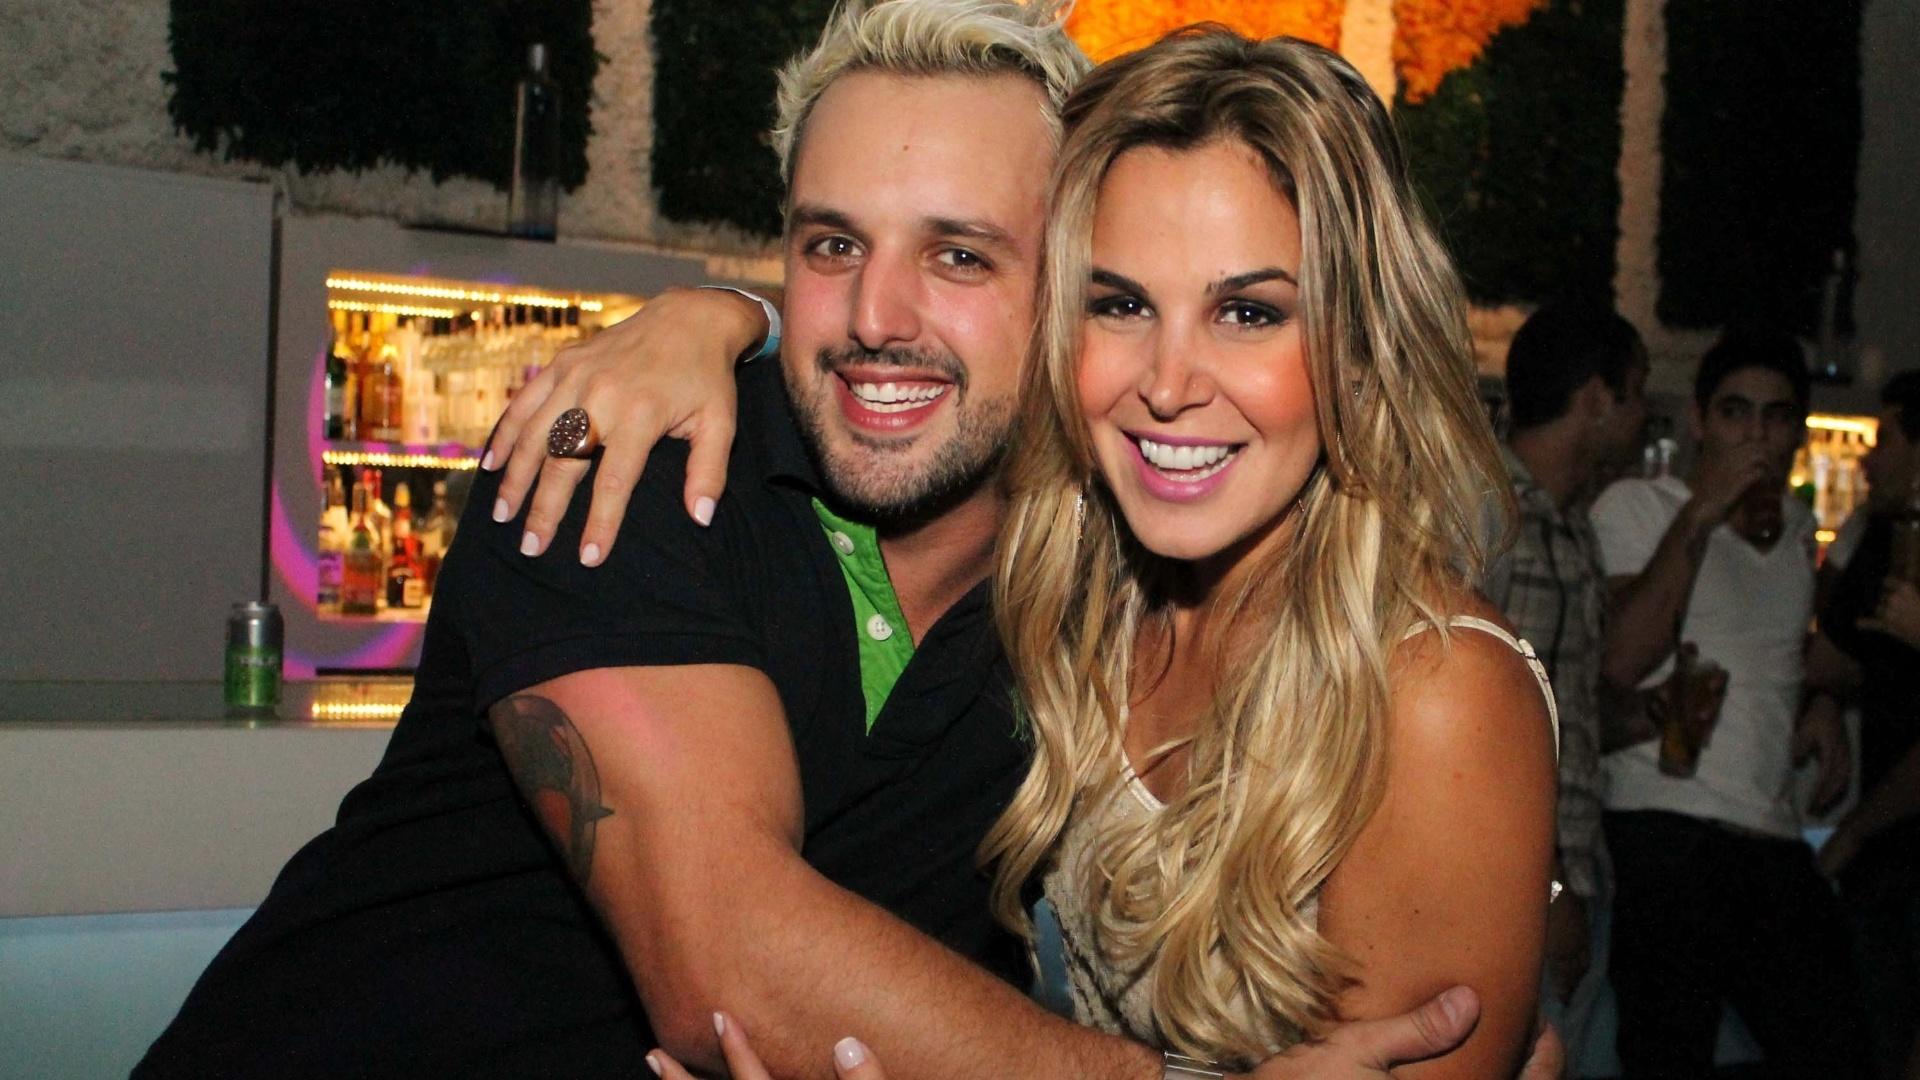 Os ex-fazendeiros Rodrigo Capella e Robertha Portella no Café de la Musique, em São Paulo, para acompanhar o show do grupo Jeito Moleque (18/9/12)